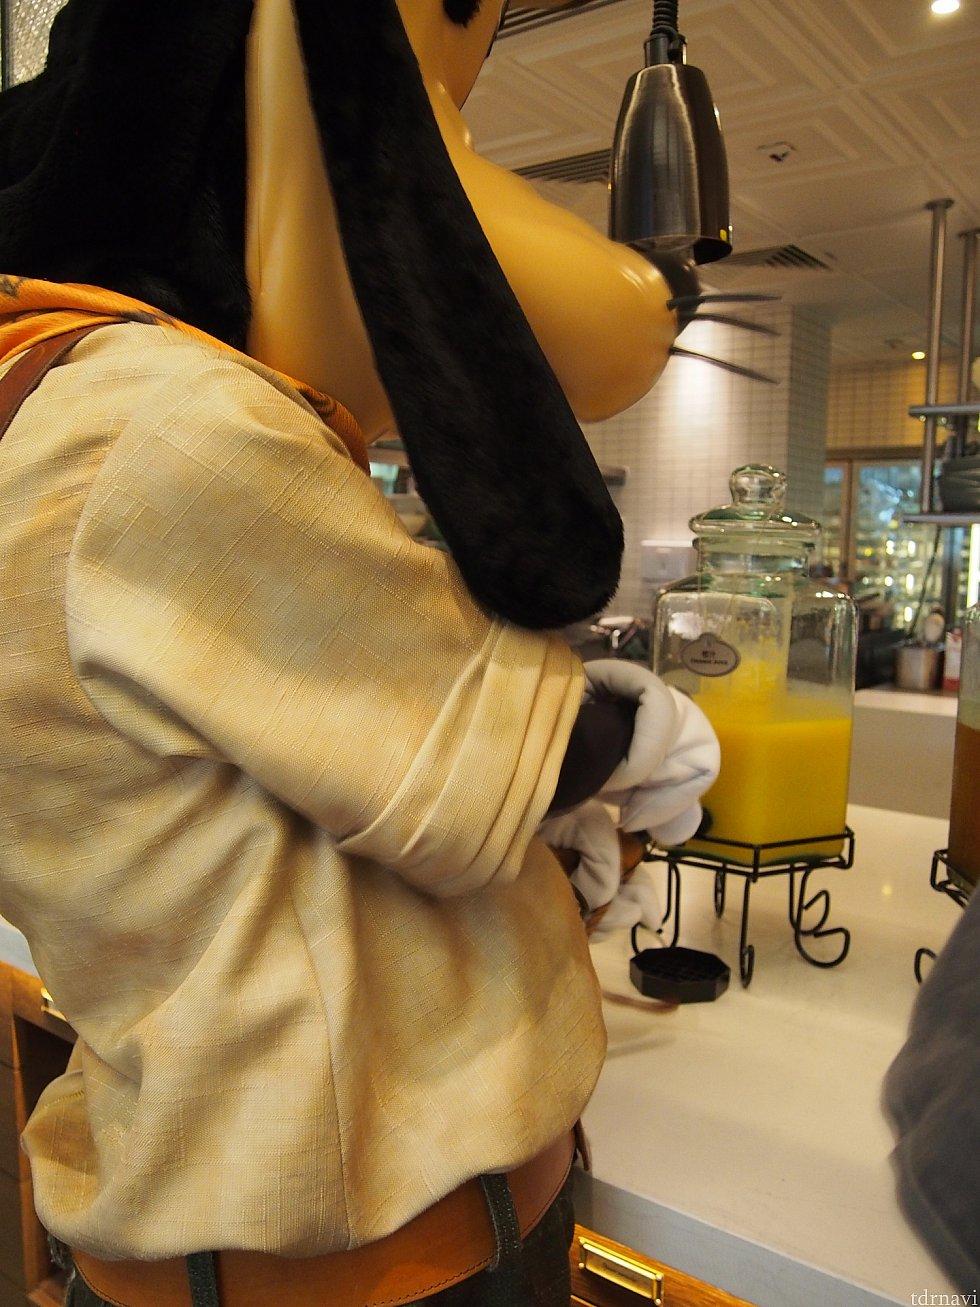 オレンジジュース補充。